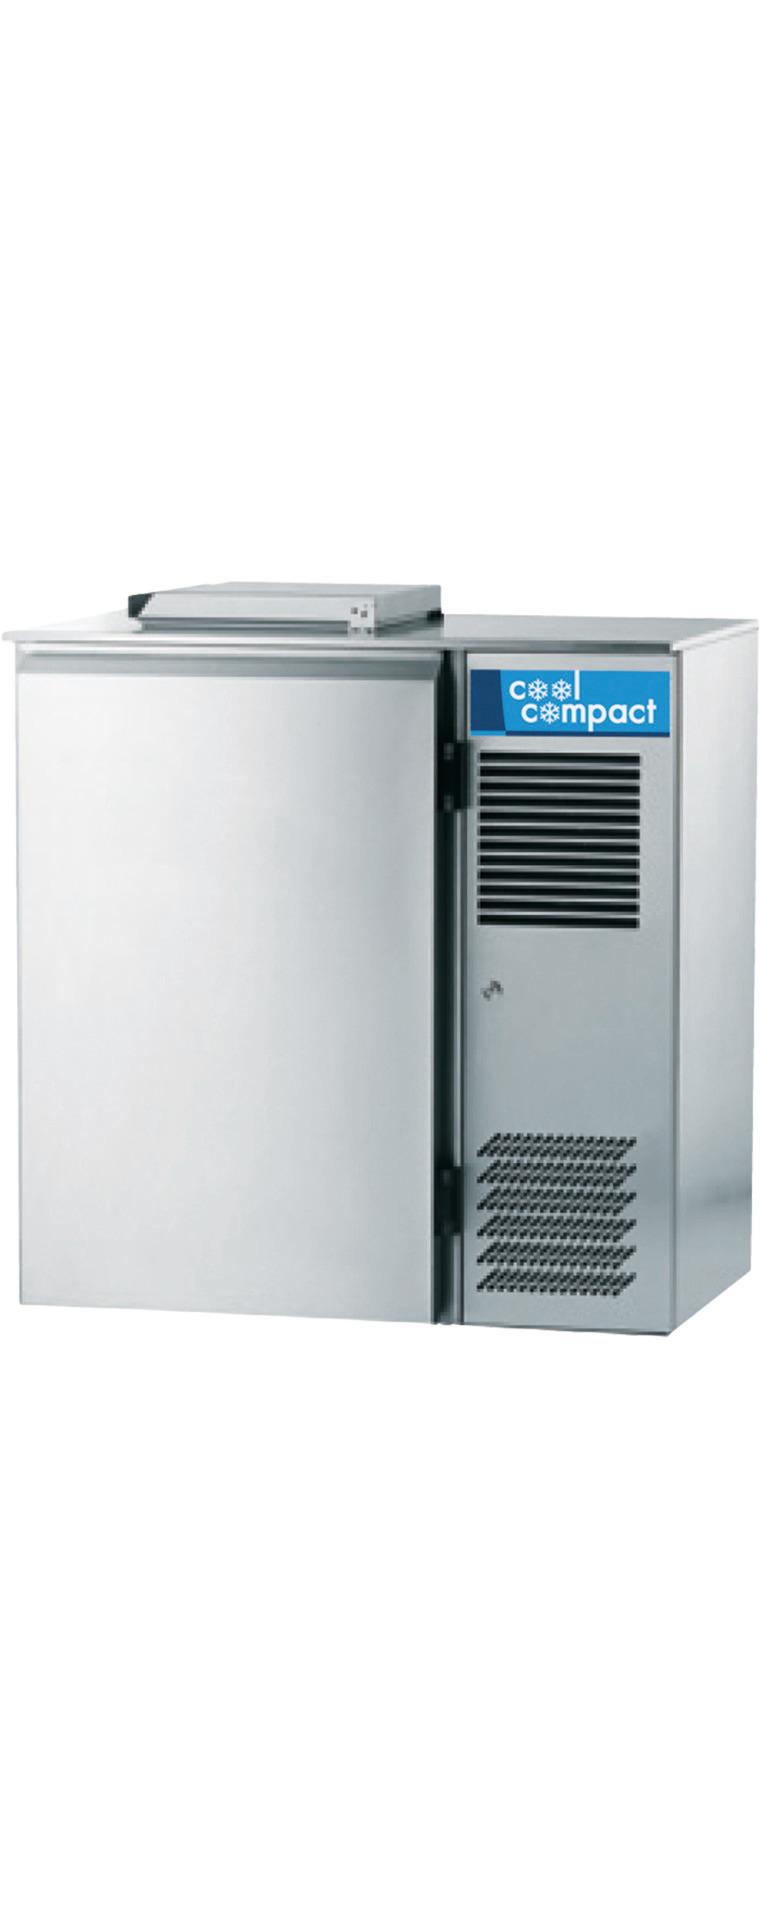 Abfallkühler für 1 x 120,00 l / 0,44 kW  / steckerfertig